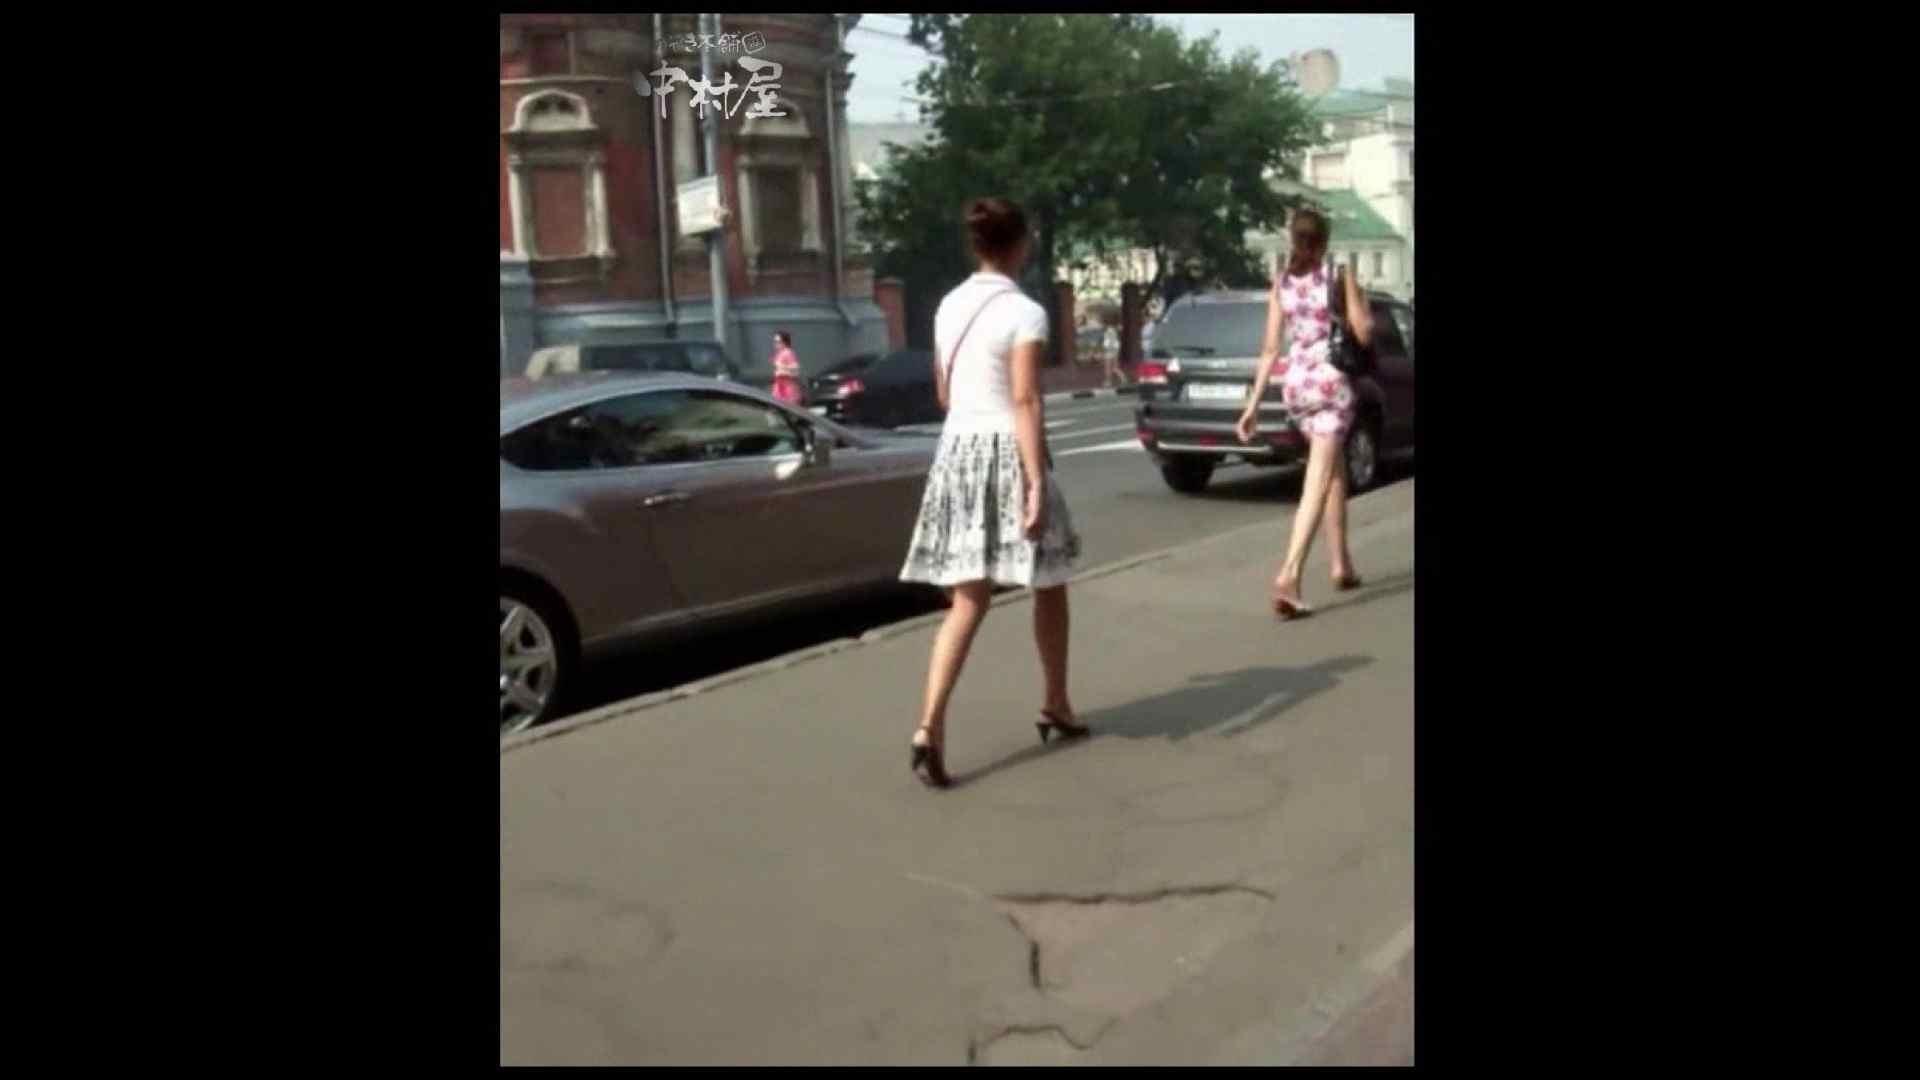 綺麗なモデルさんのスカート捲っちゃおう‼ vol30 お姉さんハメ撮り  109Pix 99